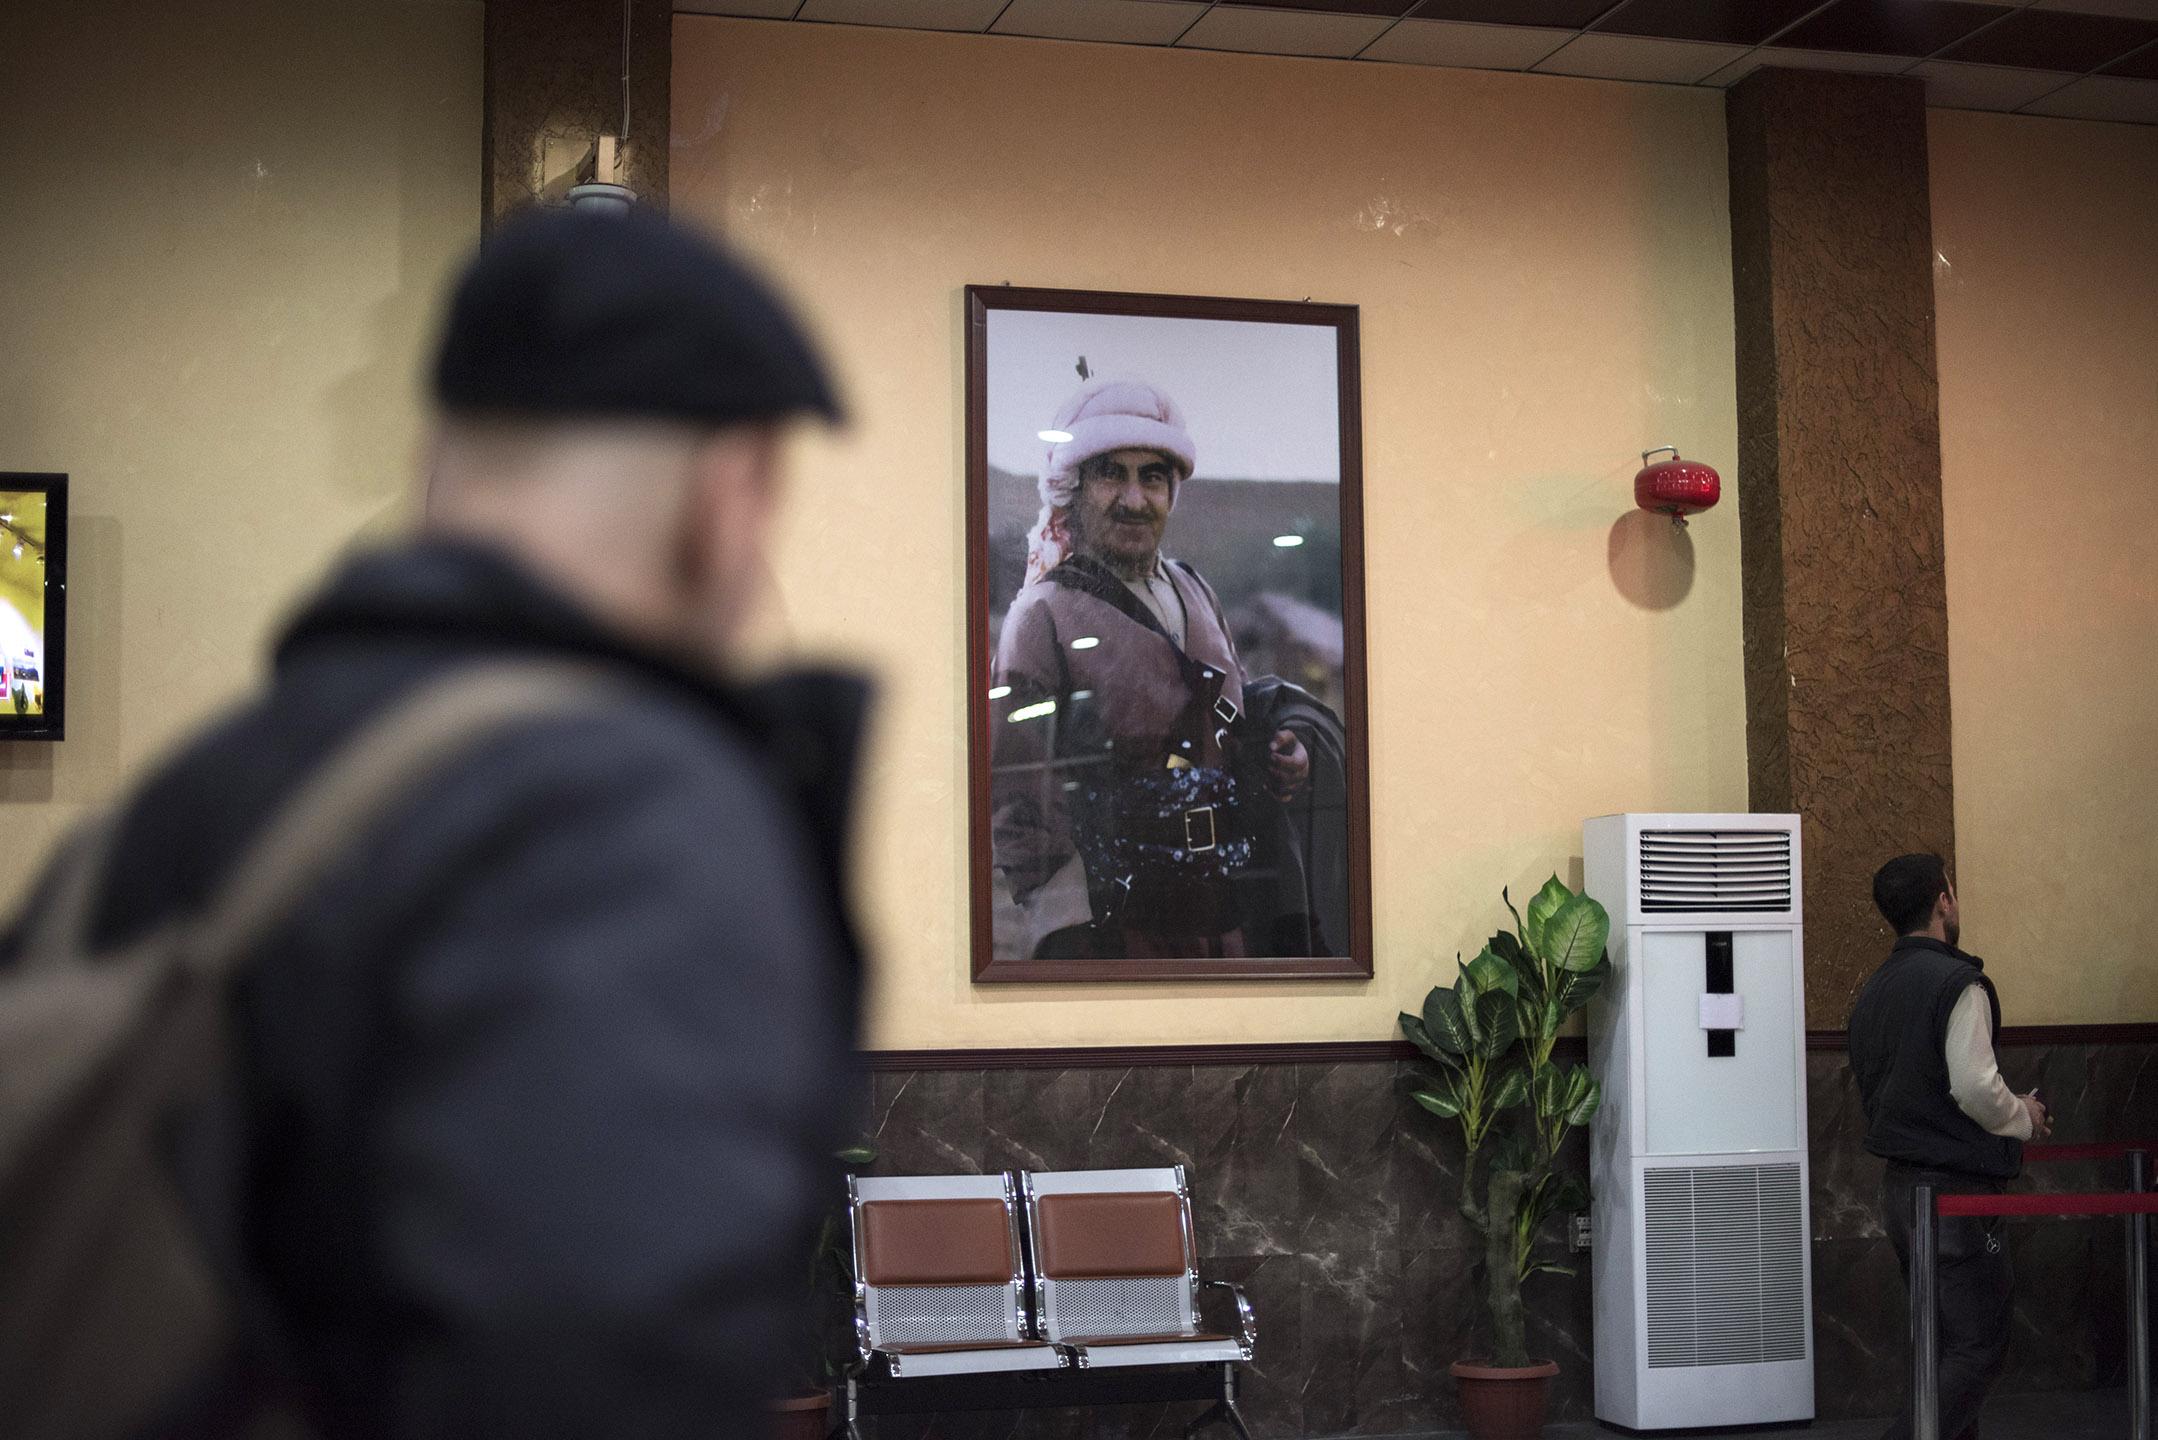 Grenzübergang Südtürkei-Kurdistan: Kein Innenraum ohne Poster des kurdischen Präsidenten Masud Barzani, oder, wie hier, seinem Vater Mustafa Barzani.